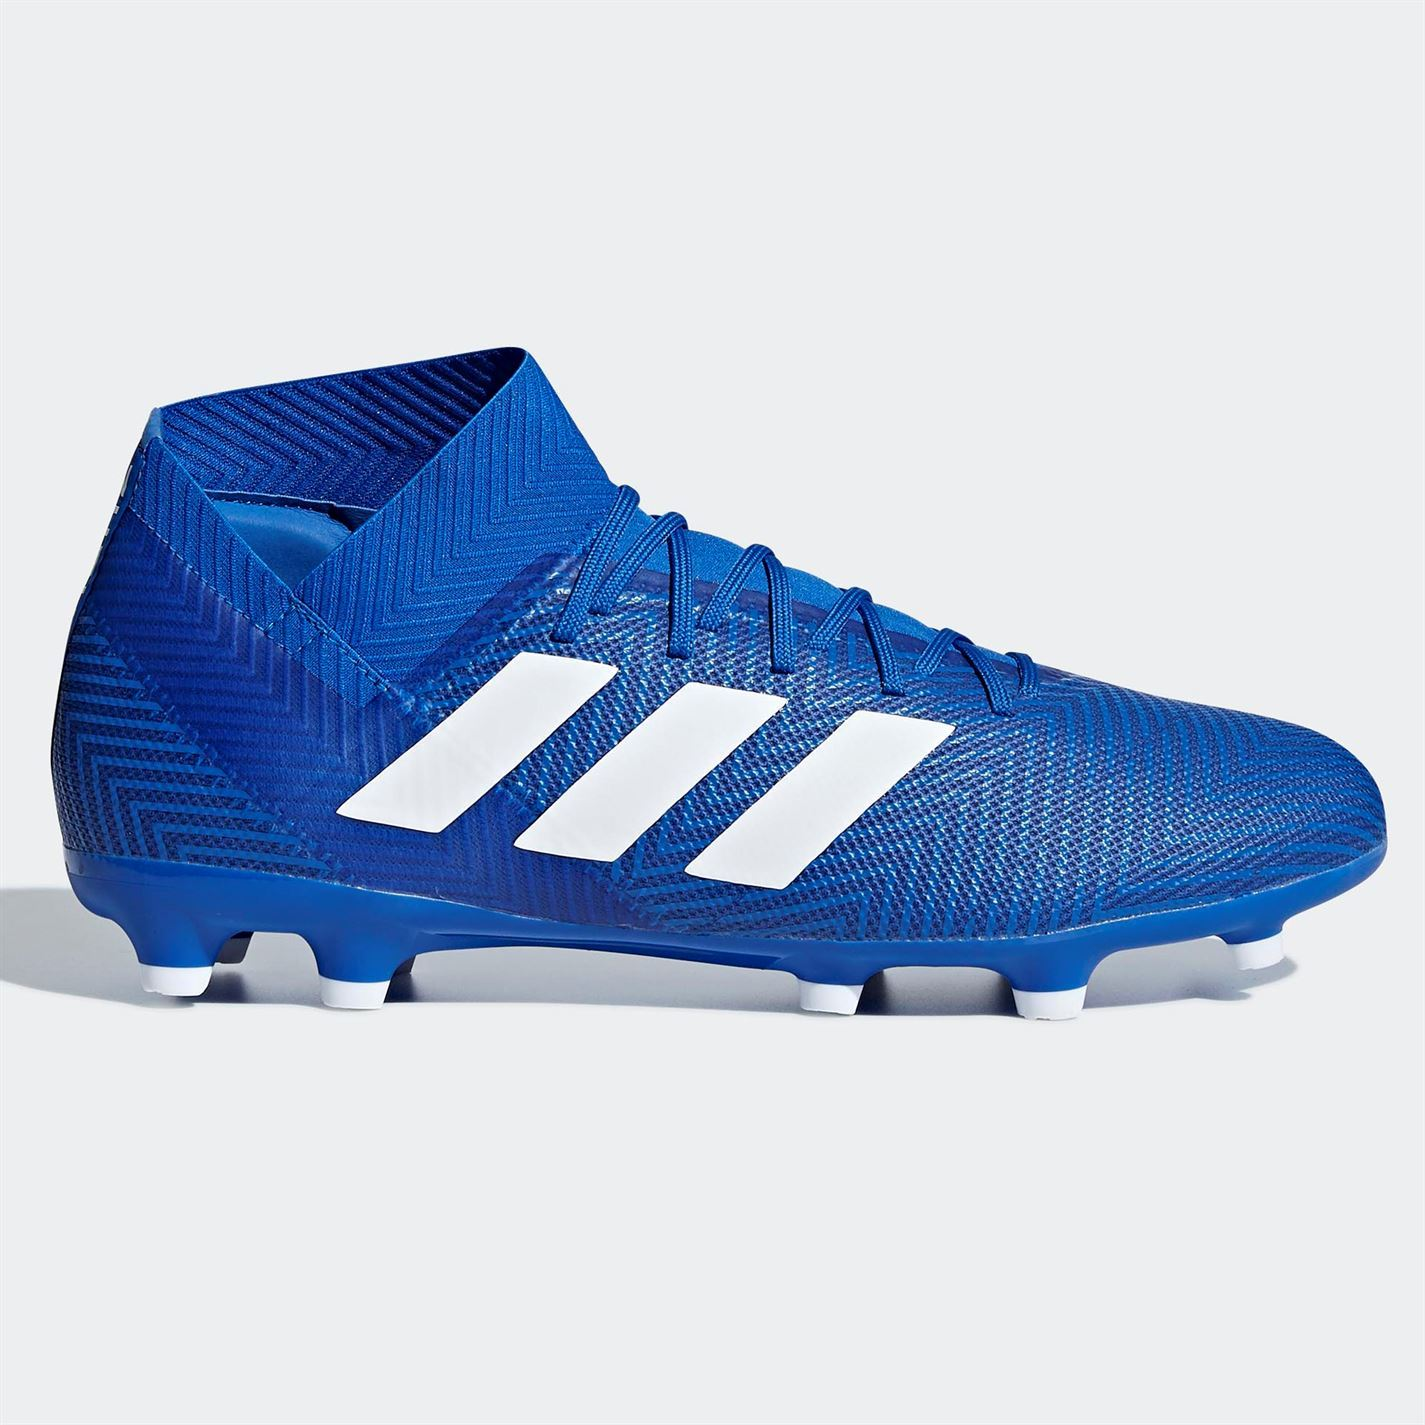 7d7a118110a ... adidas Nemeziz 18.3 FG Firm Ground Football Boots Mens Soccer Shoes  Cleats